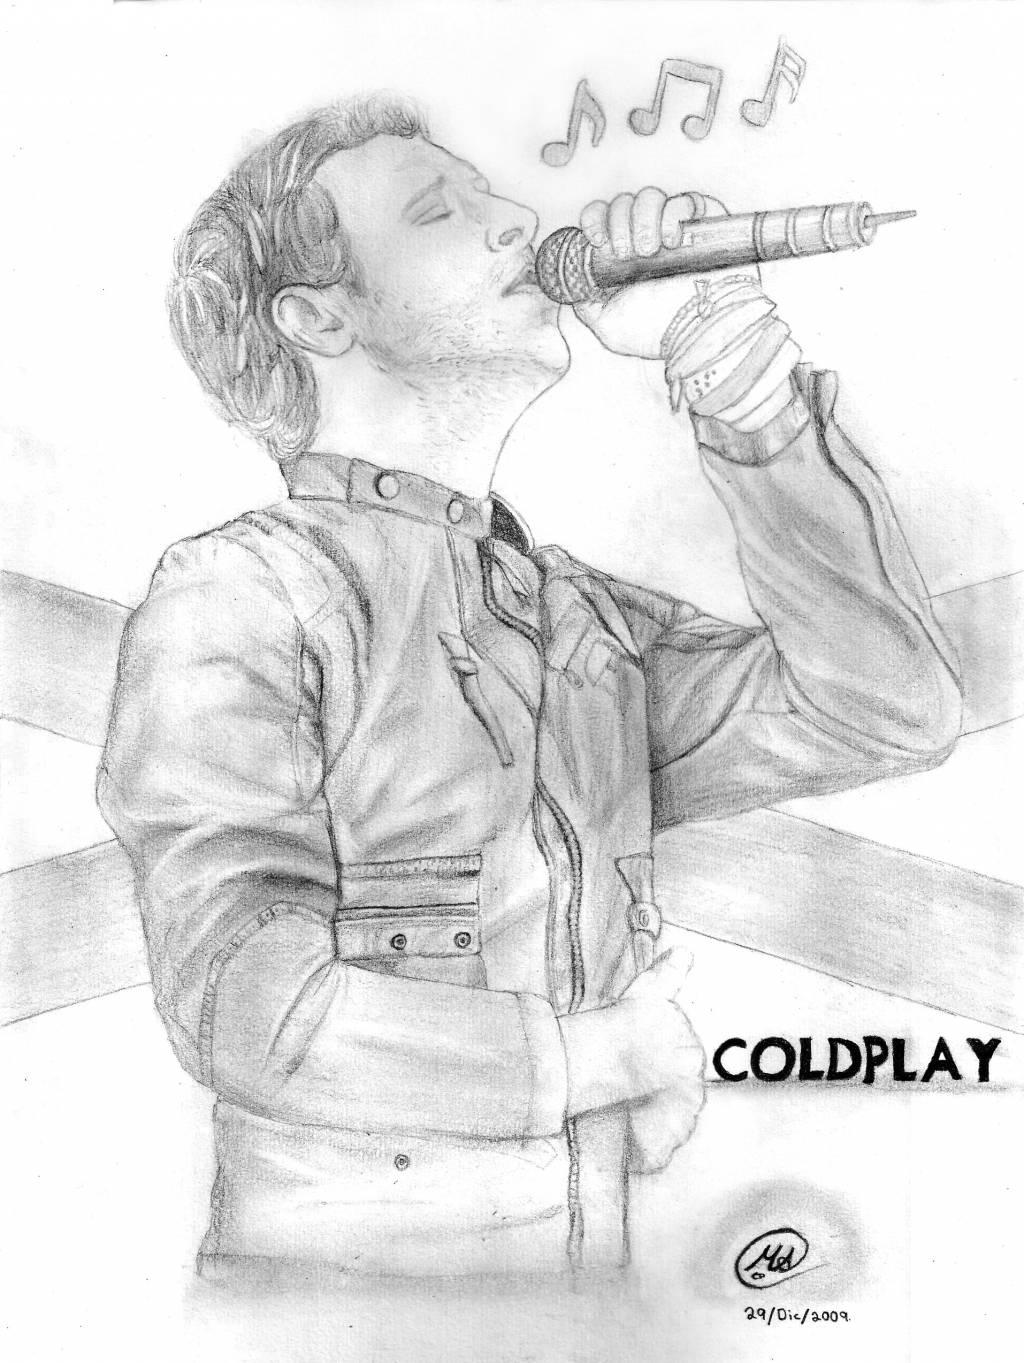 Chris MartinVocalista de Coldplay Manuel A Ceballos  Artelista